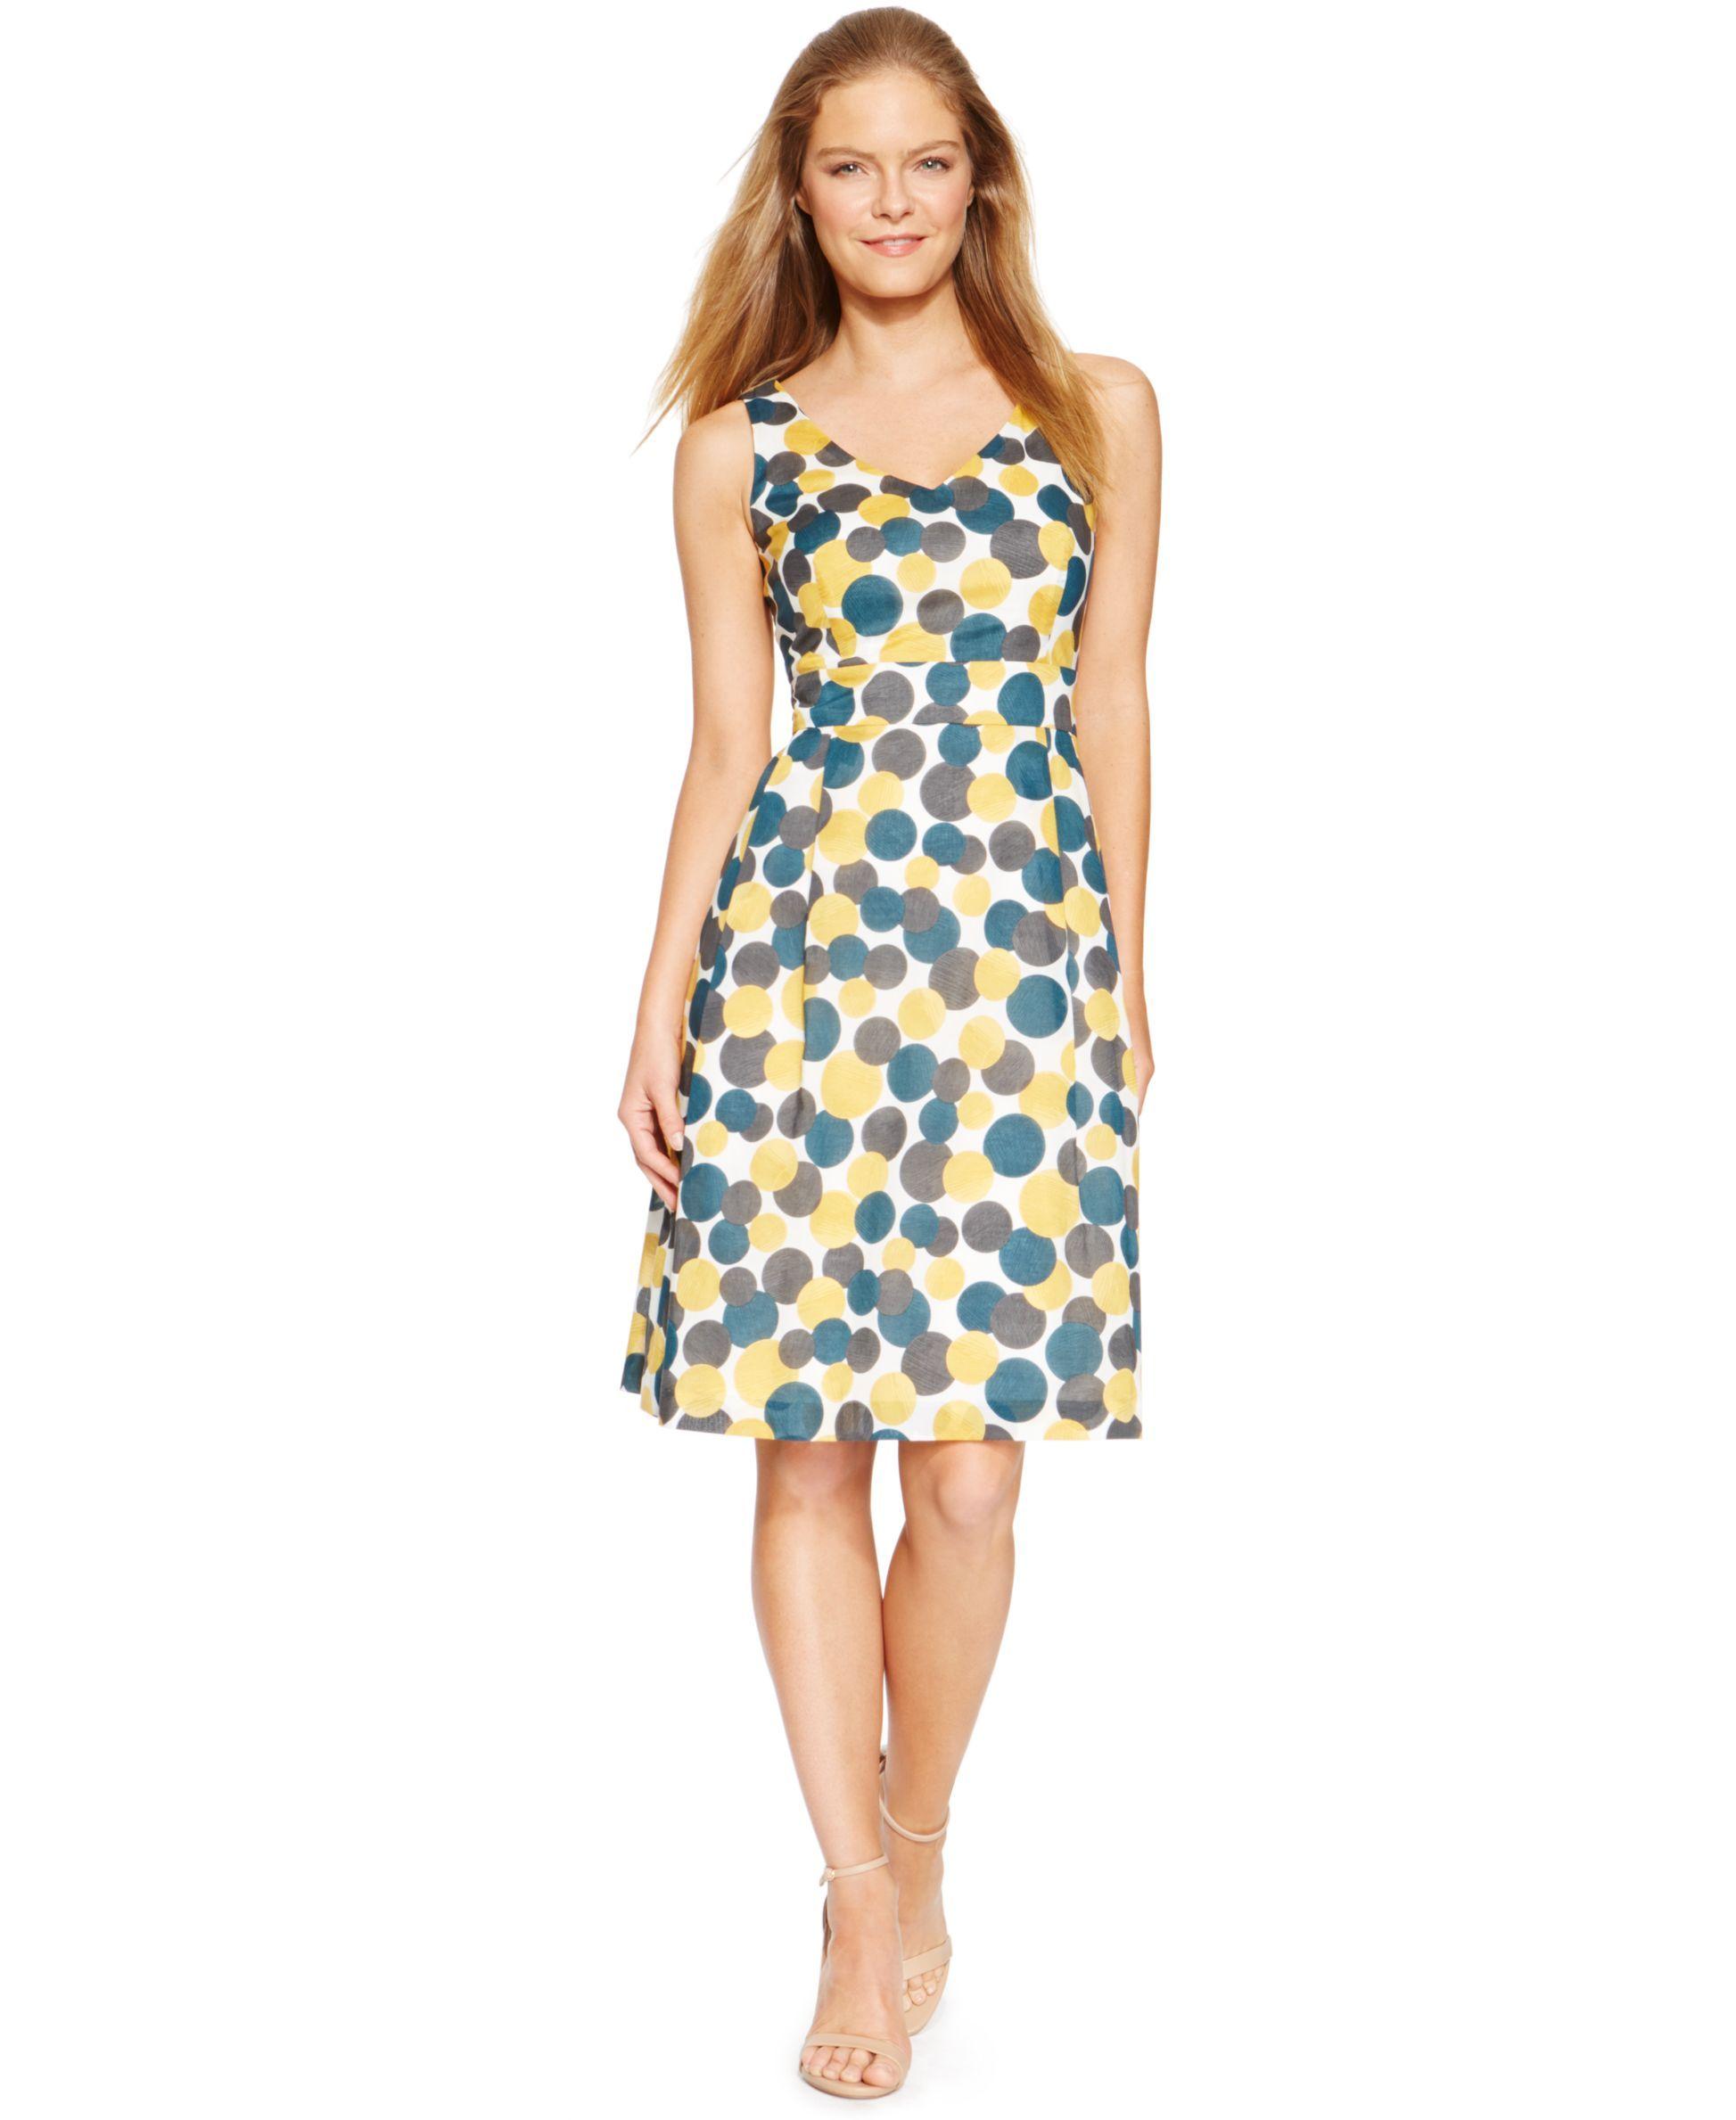 Anne klein circleprint empirewaist woven aline dress products